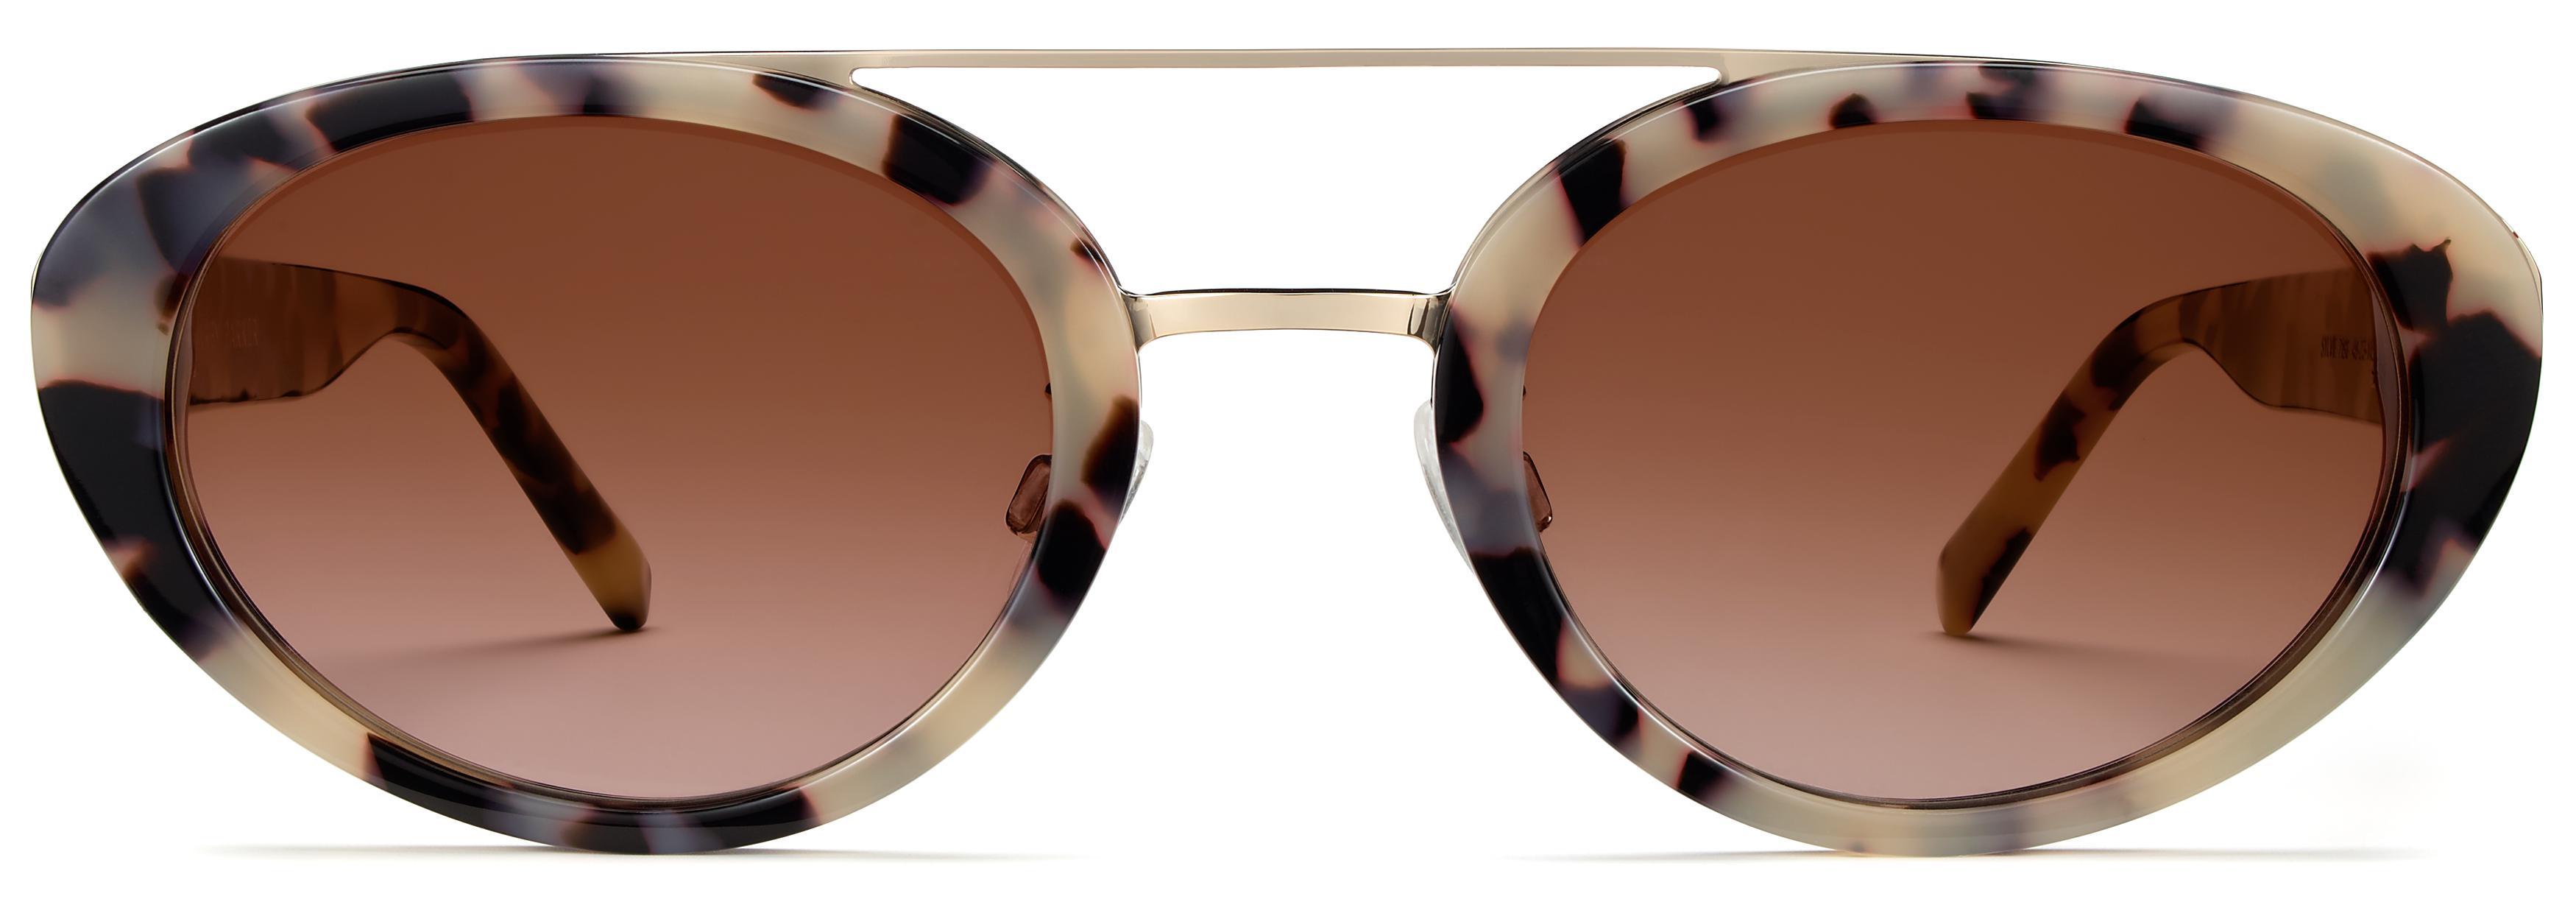 049e4e45e91b Women s Sunglasses